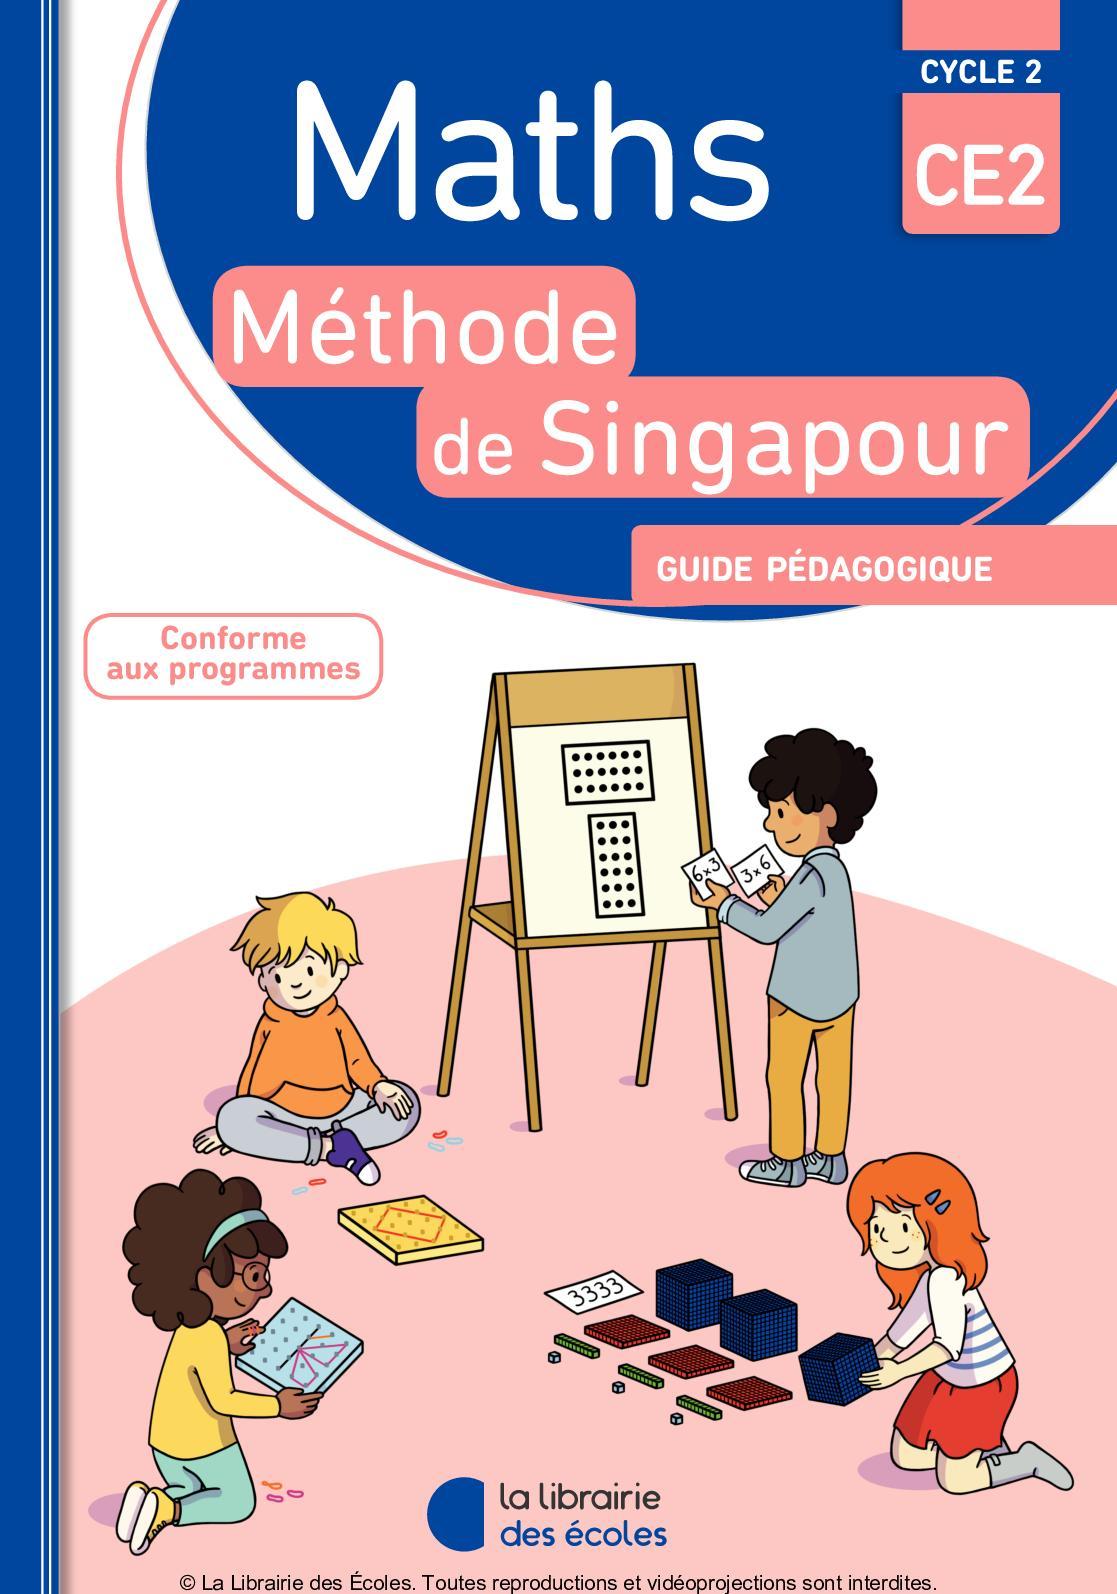 Calaméo - Guide Pédagogique Maths De Singapour Ce2 encequiconcerne Nombres Pairs Et Impairs Ce2